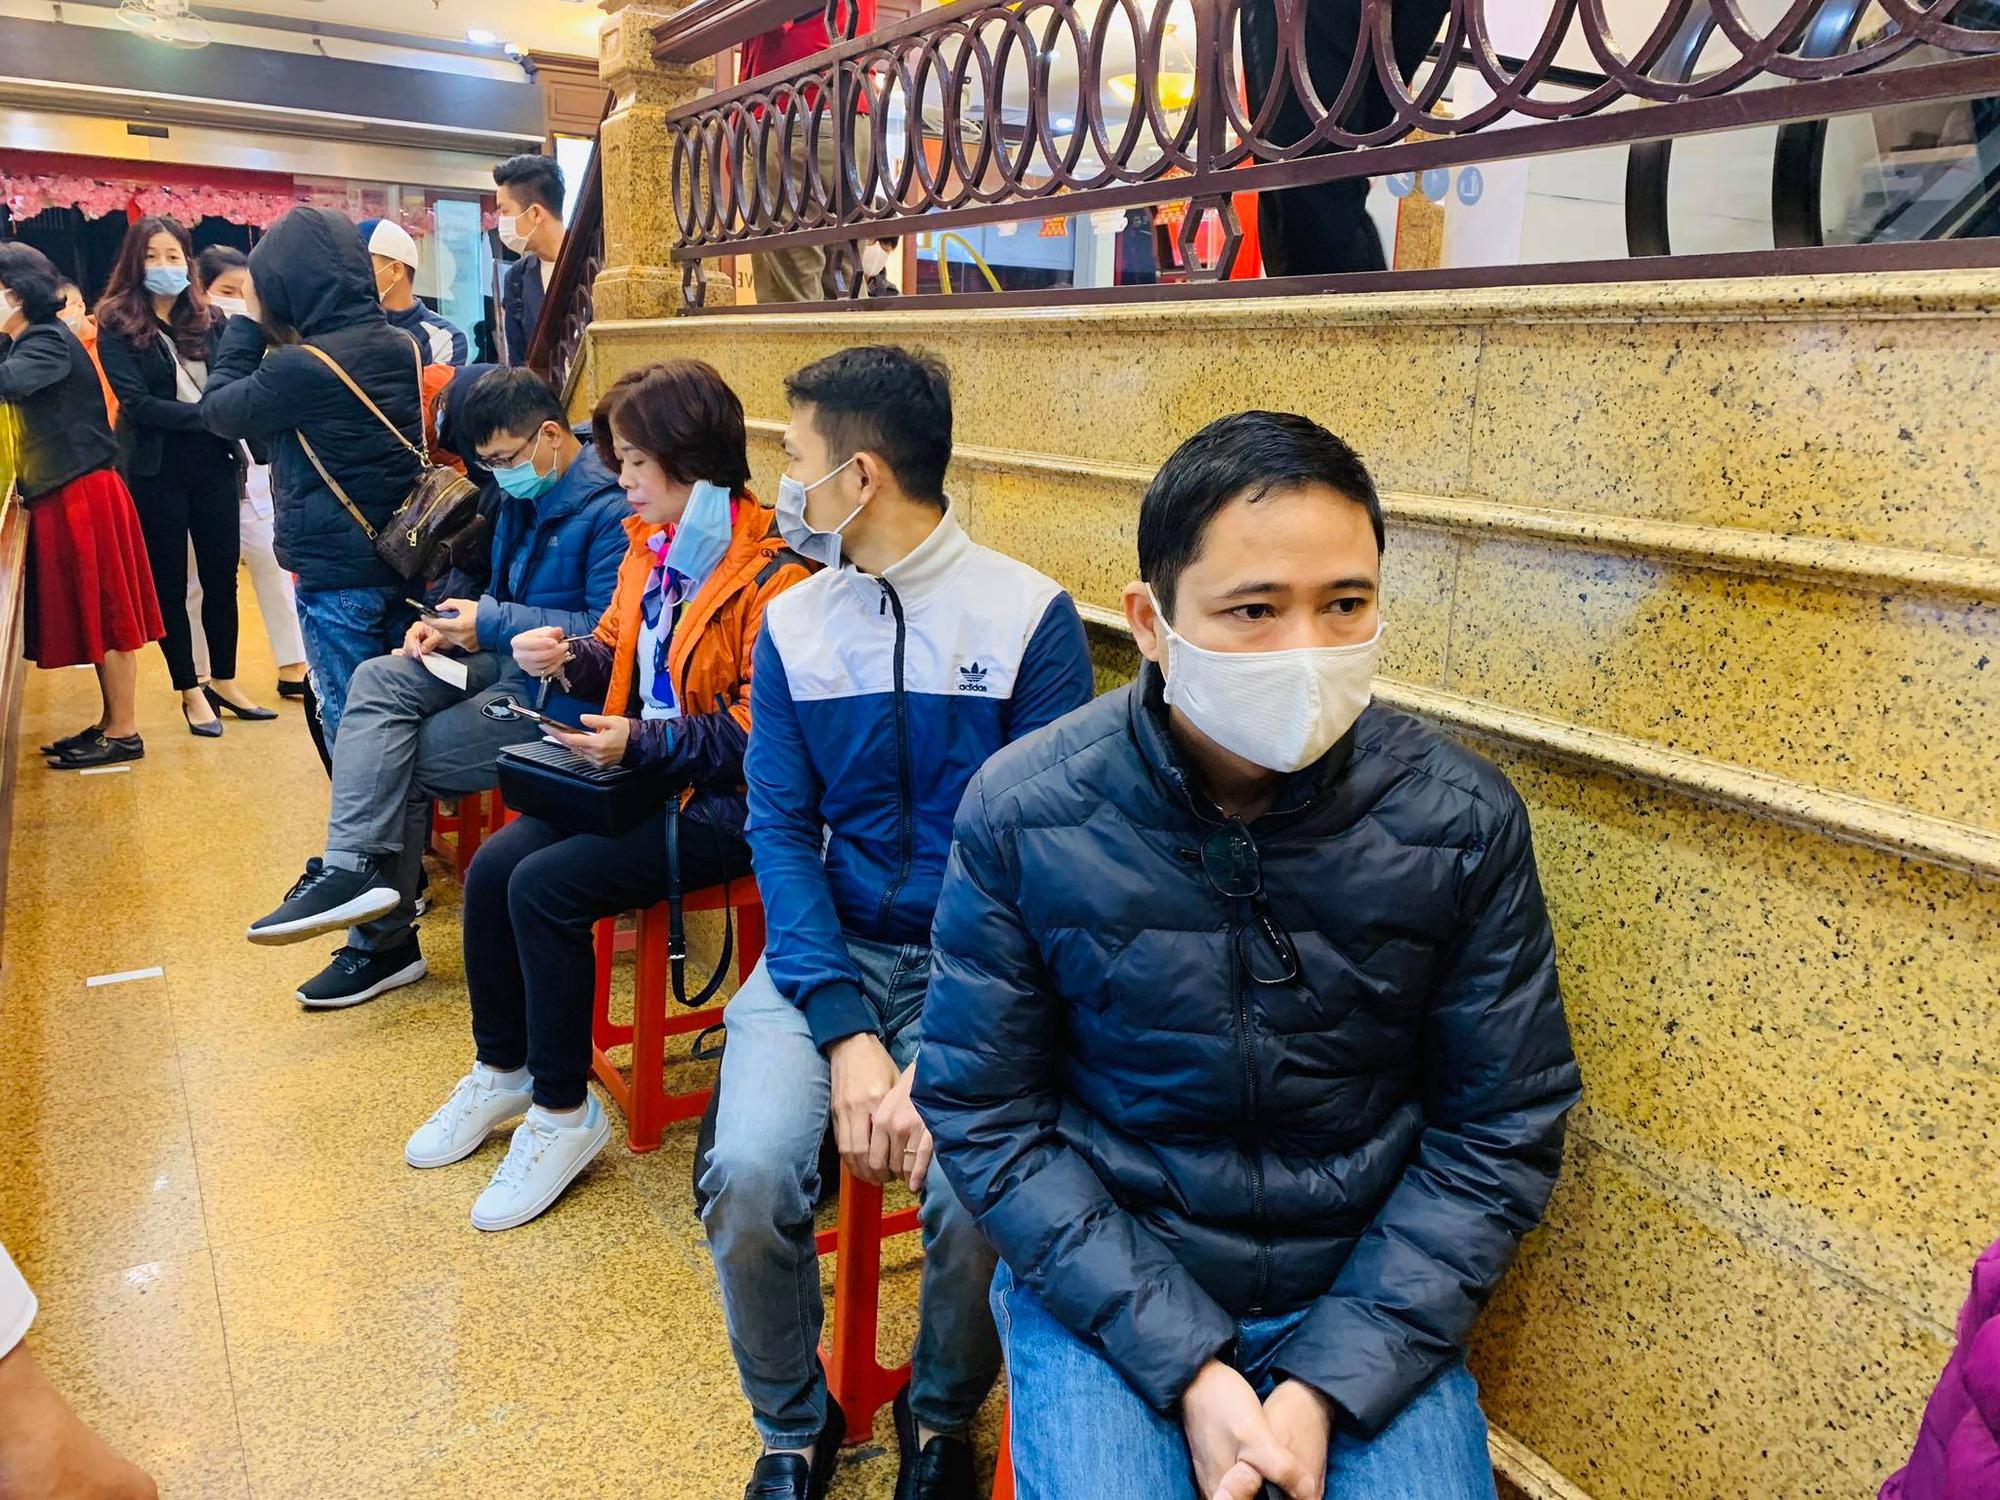 Ngày vía Thần Tài: Người dân đeo khẩu trang săn lộc, doanh nghiệp lắp vách ngăn trên đường cho khách mua vàng - Ảnh 6.